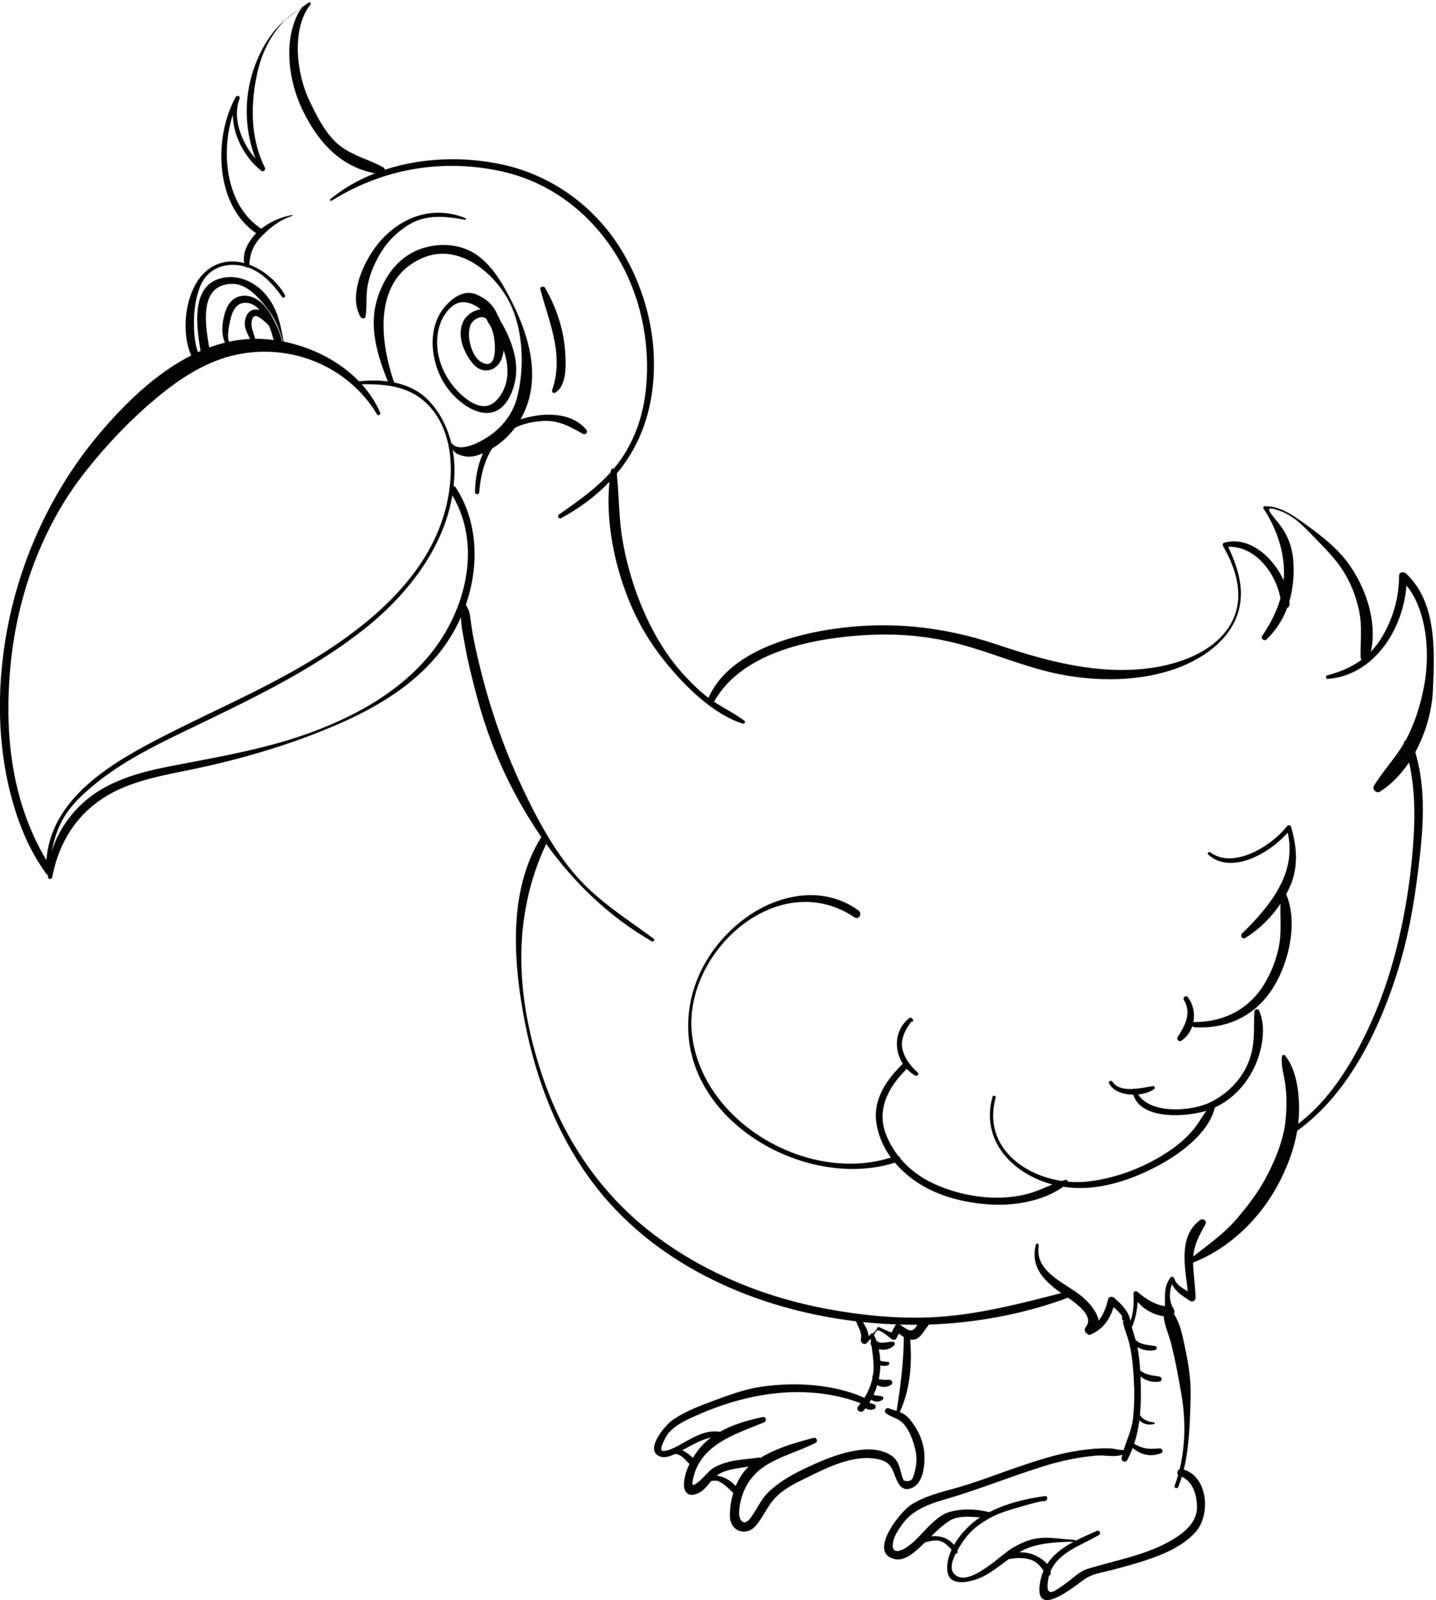 illustration of a bird outline